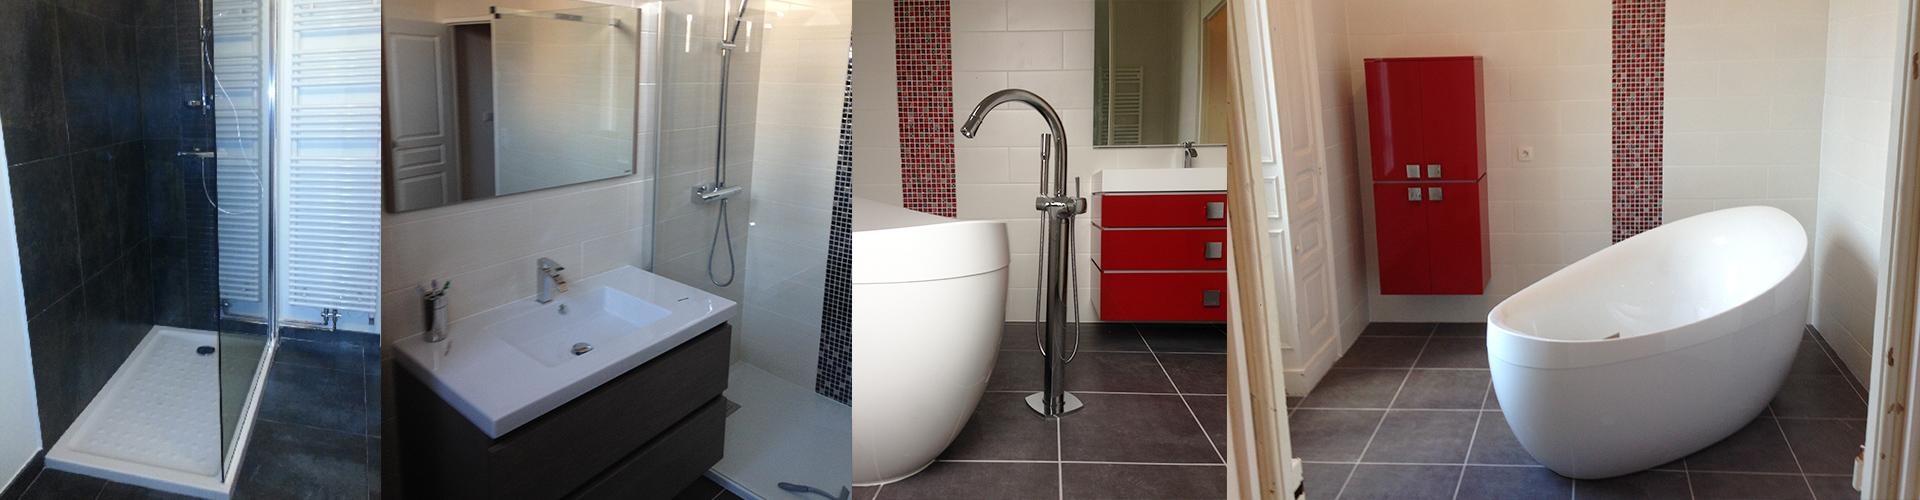 Artisan Salle De Bain Oise ~ cr ation de salles de bains par mb plomberie beauvais oise